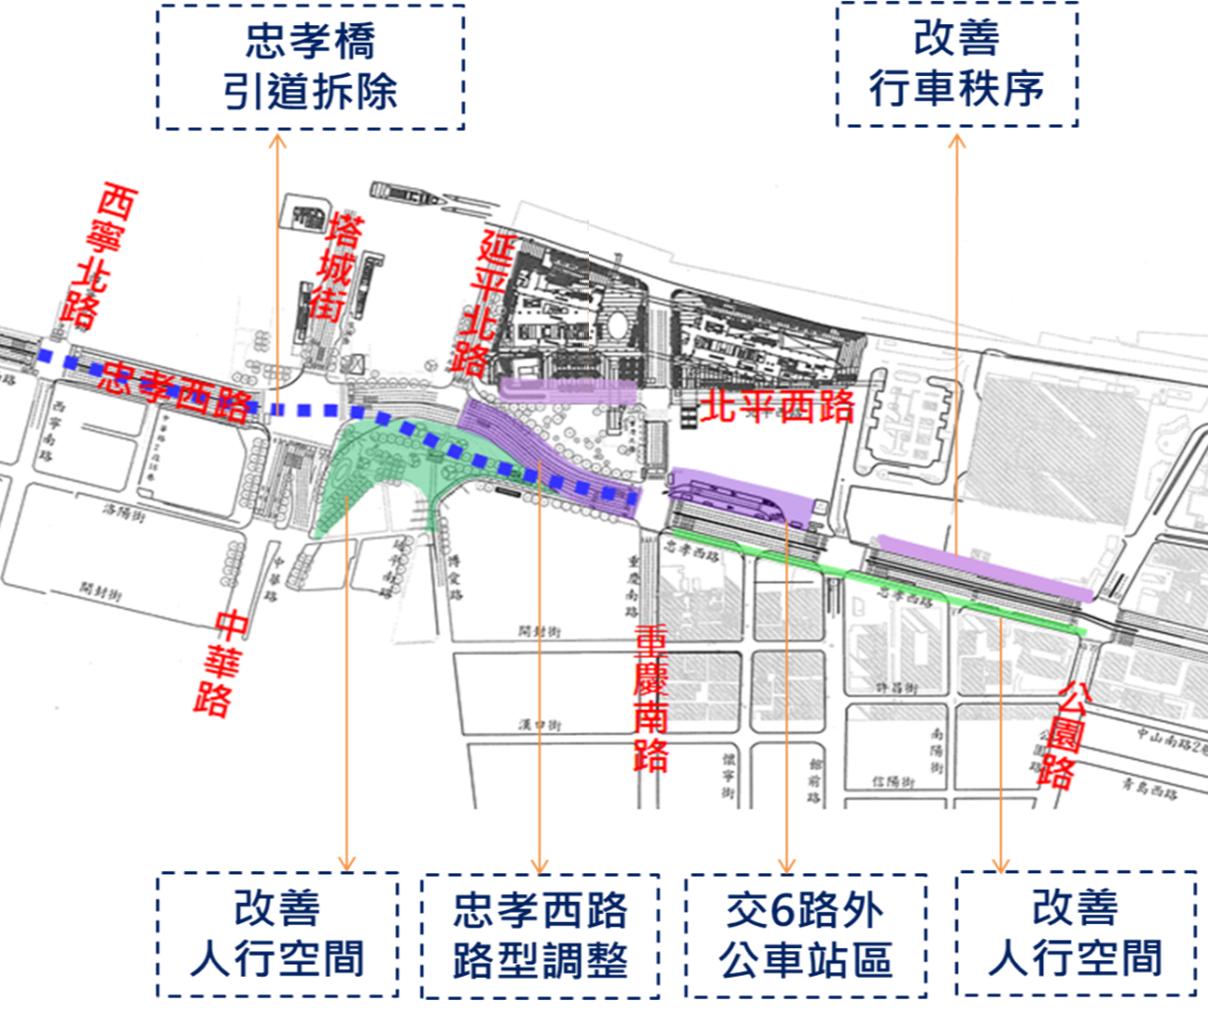 圖2 西區門戶計畫交通配套規劃構想圖